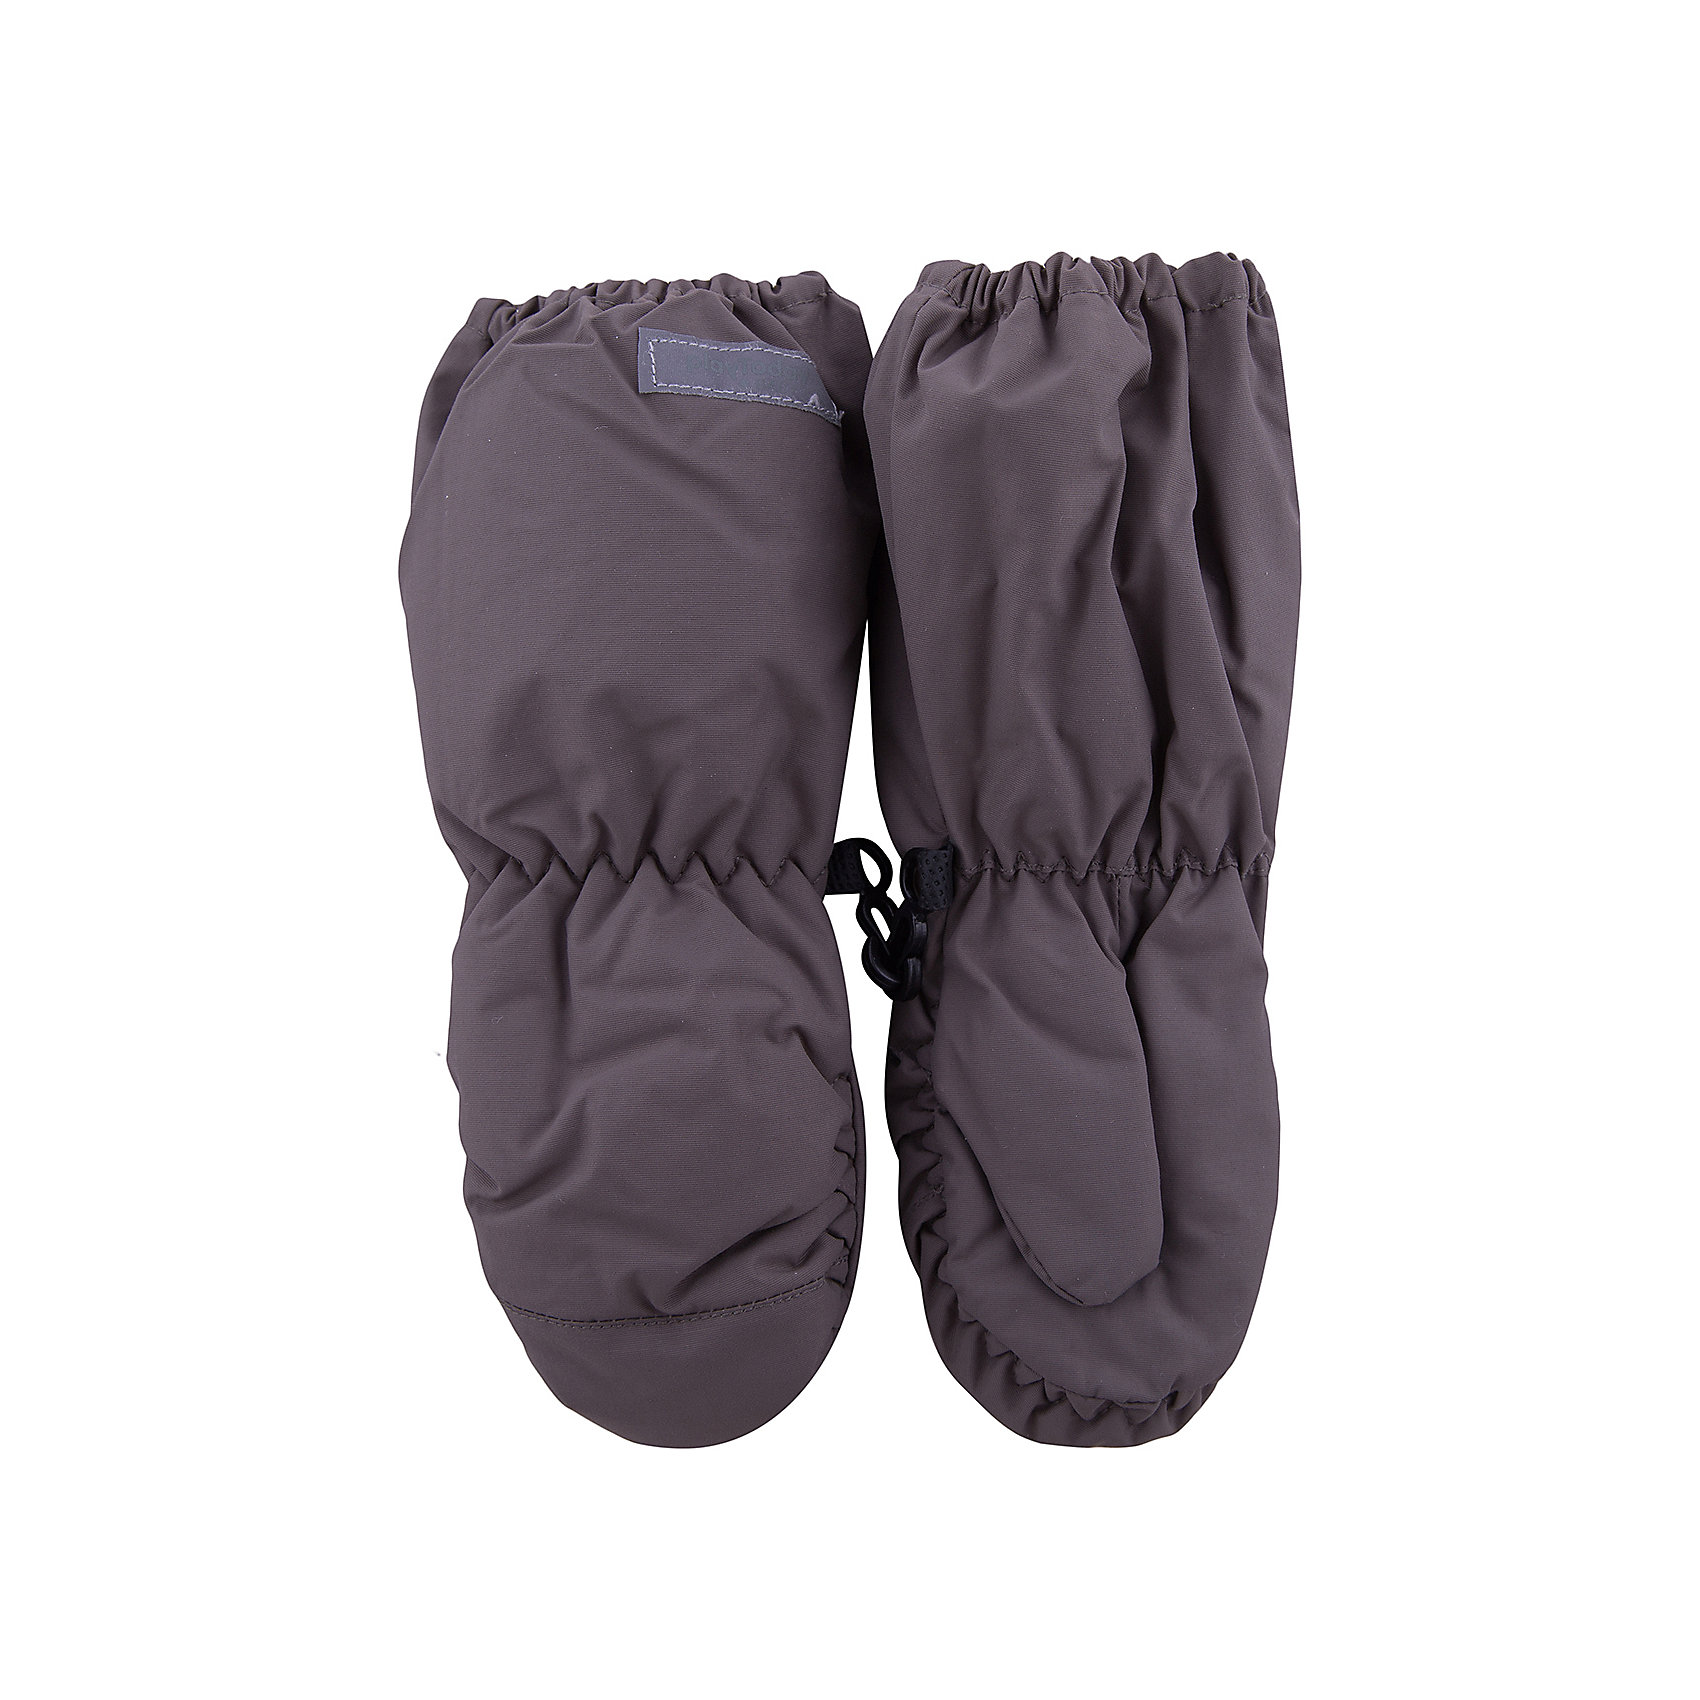 Варежки PlayToday для мальчикаПерчатки, варежки<br>Варежки PlayToday для мальчика<br>Теплые рукавицы из непромокаемого материала защитят руки ребенка при холодной погоде. Модель на подкладке из теплого флиса. Удлиненные запястья дополнены резинками для дополнительного сохранения тепла.<br>Состав:<br>Верх - 100% полиэстер. Подкладка - 100% полиэстер. Утеплитель - 100% полиэстер.<br><br>Ширина мм: 162<br>Глубина мм: 171<br>Высота мм: 55<br>Вес г: 119<br>Цвет: серый<br>Возраст от месяцев: 24<br>Возраст до месяцев: 36<br>Пол: Мужской<br>Возраст: Детский<br>Размер: 1,0<br>SKU: 7106262